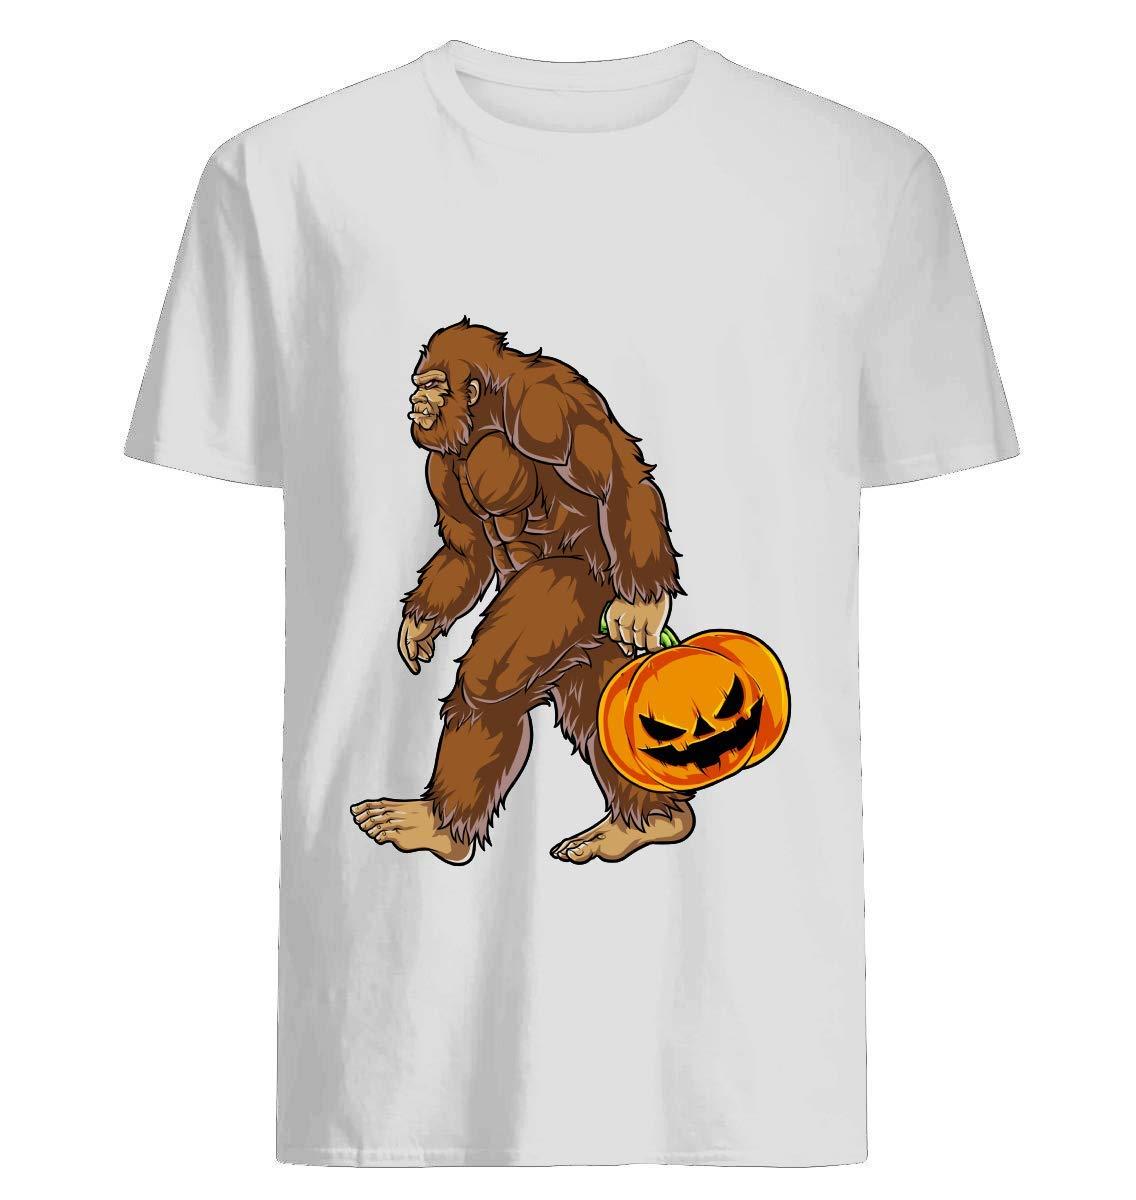 Sasquatch Carrying Scary Pumpkin T Shirt Halloween T Shirt For Un